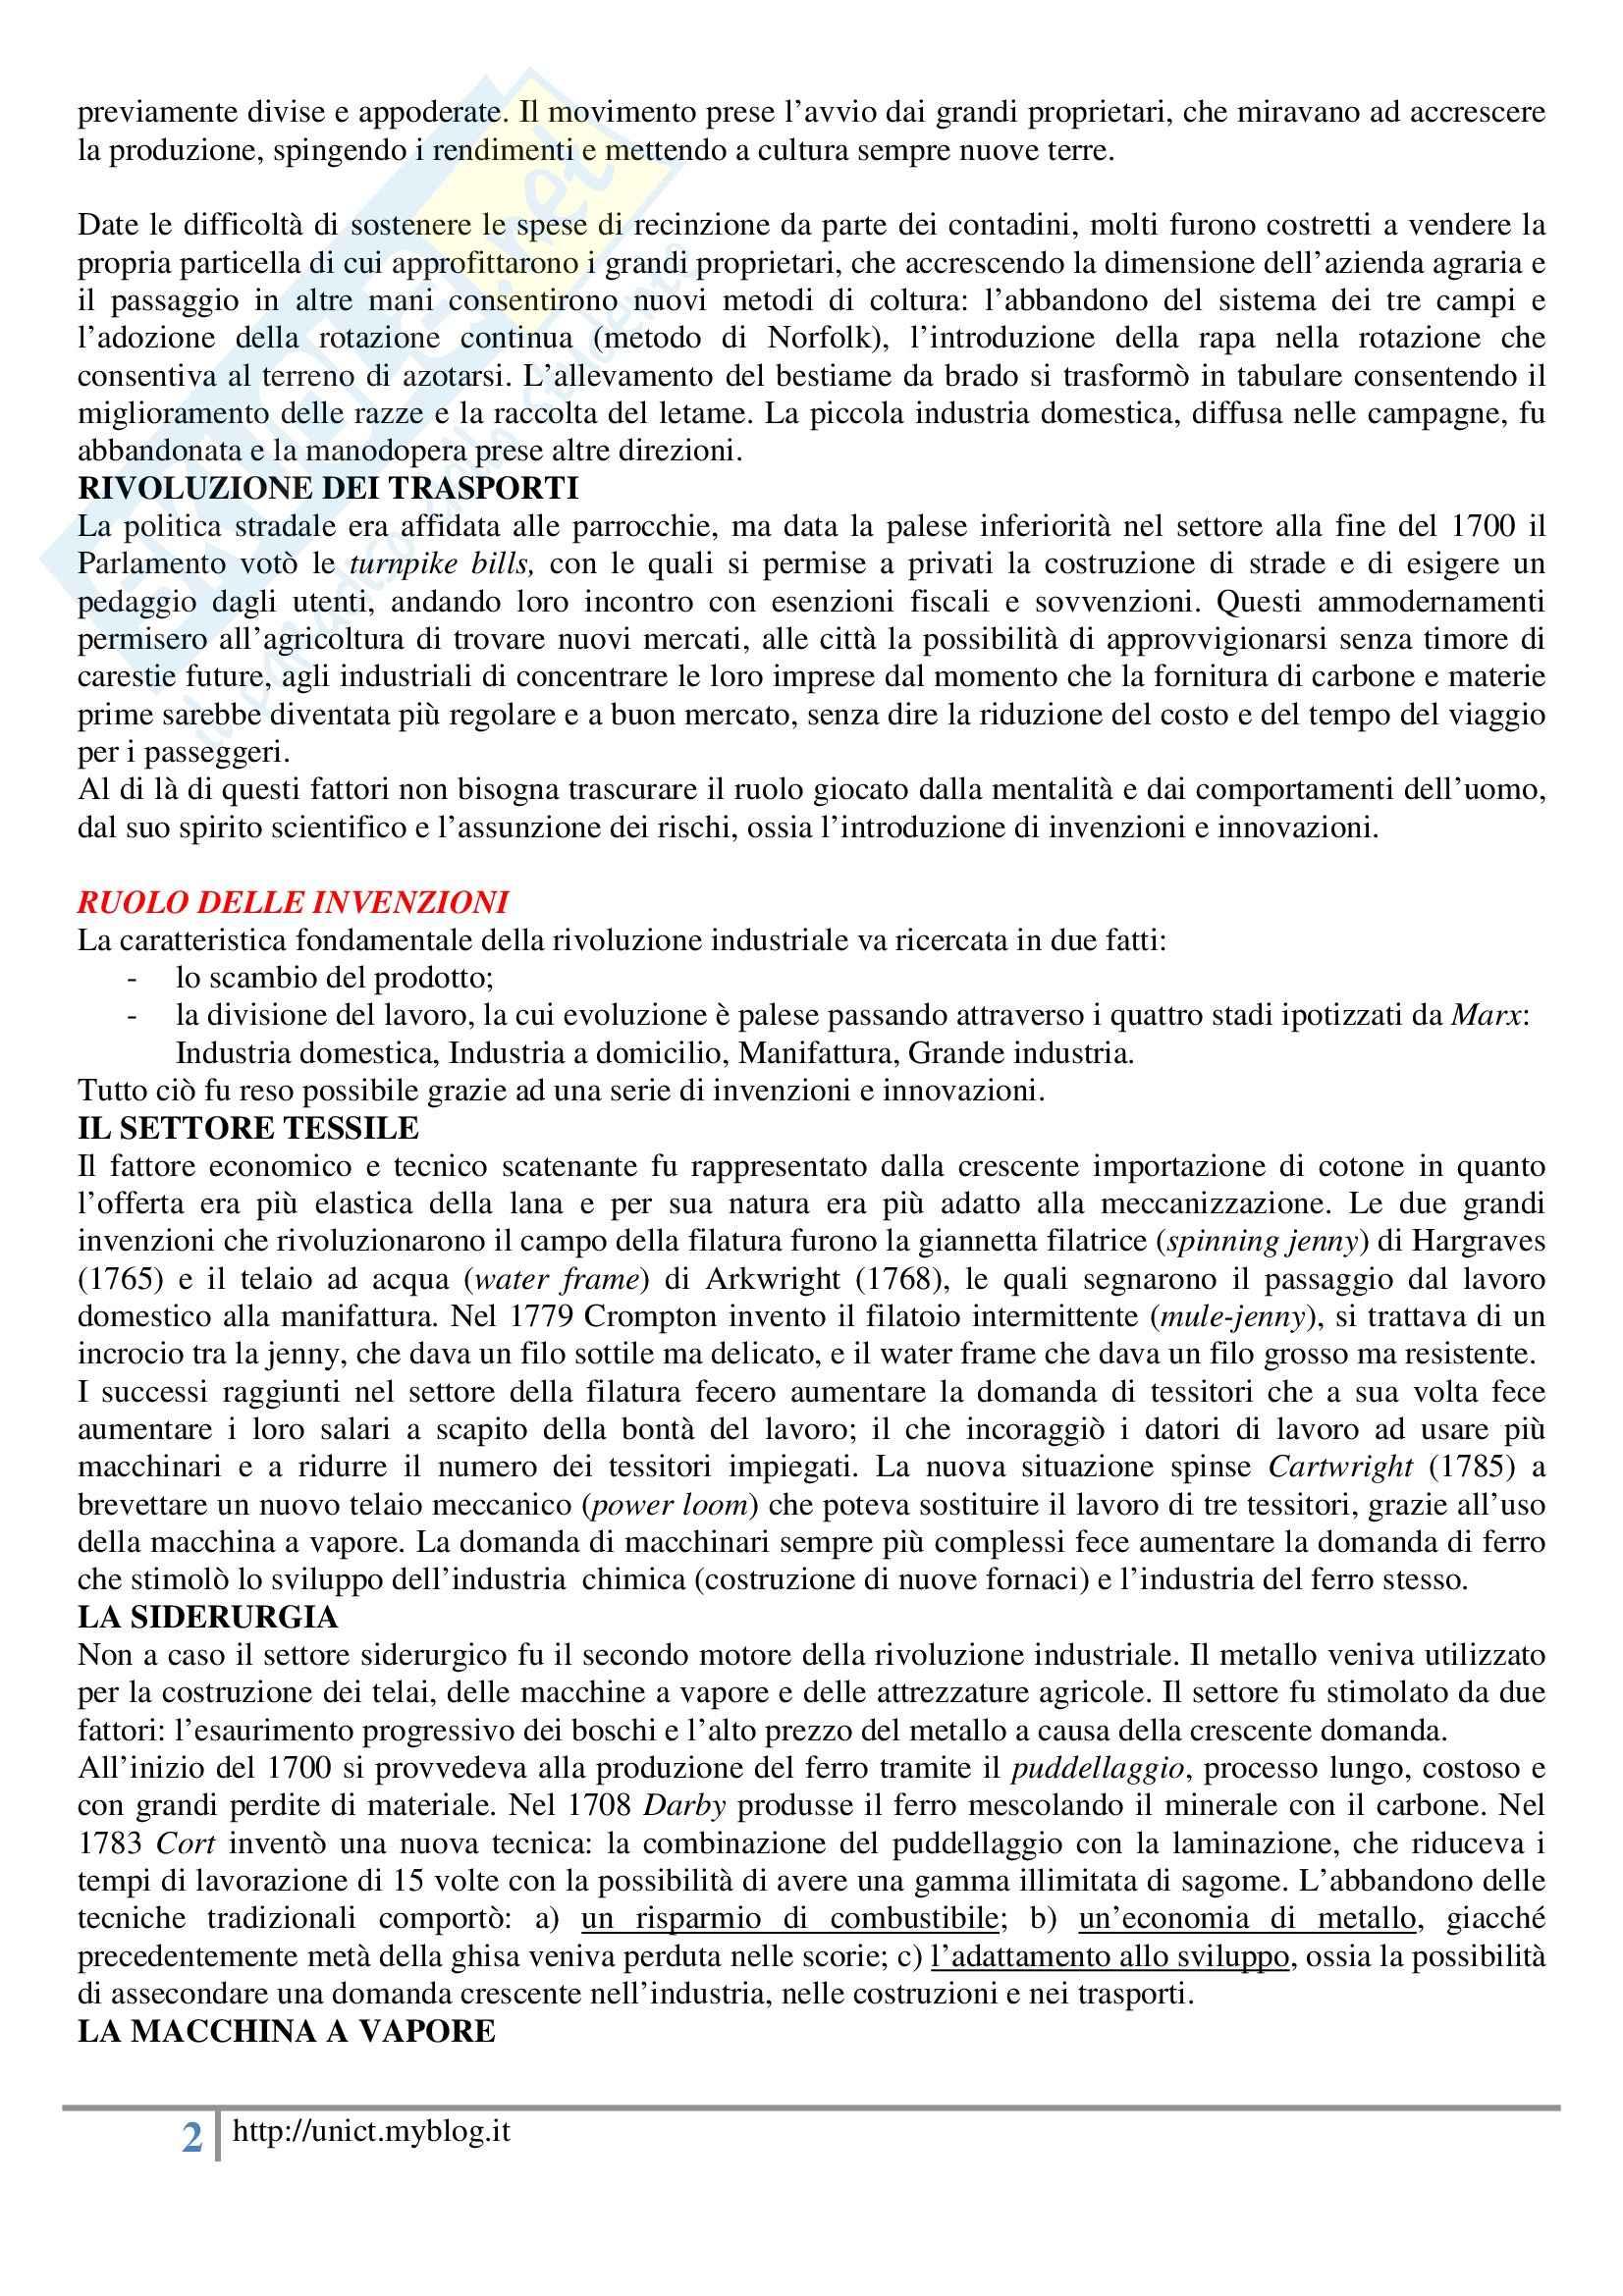 Storia dell'economia mondiale, Assante, Cipolla, Romano - Appunti Pag. 26